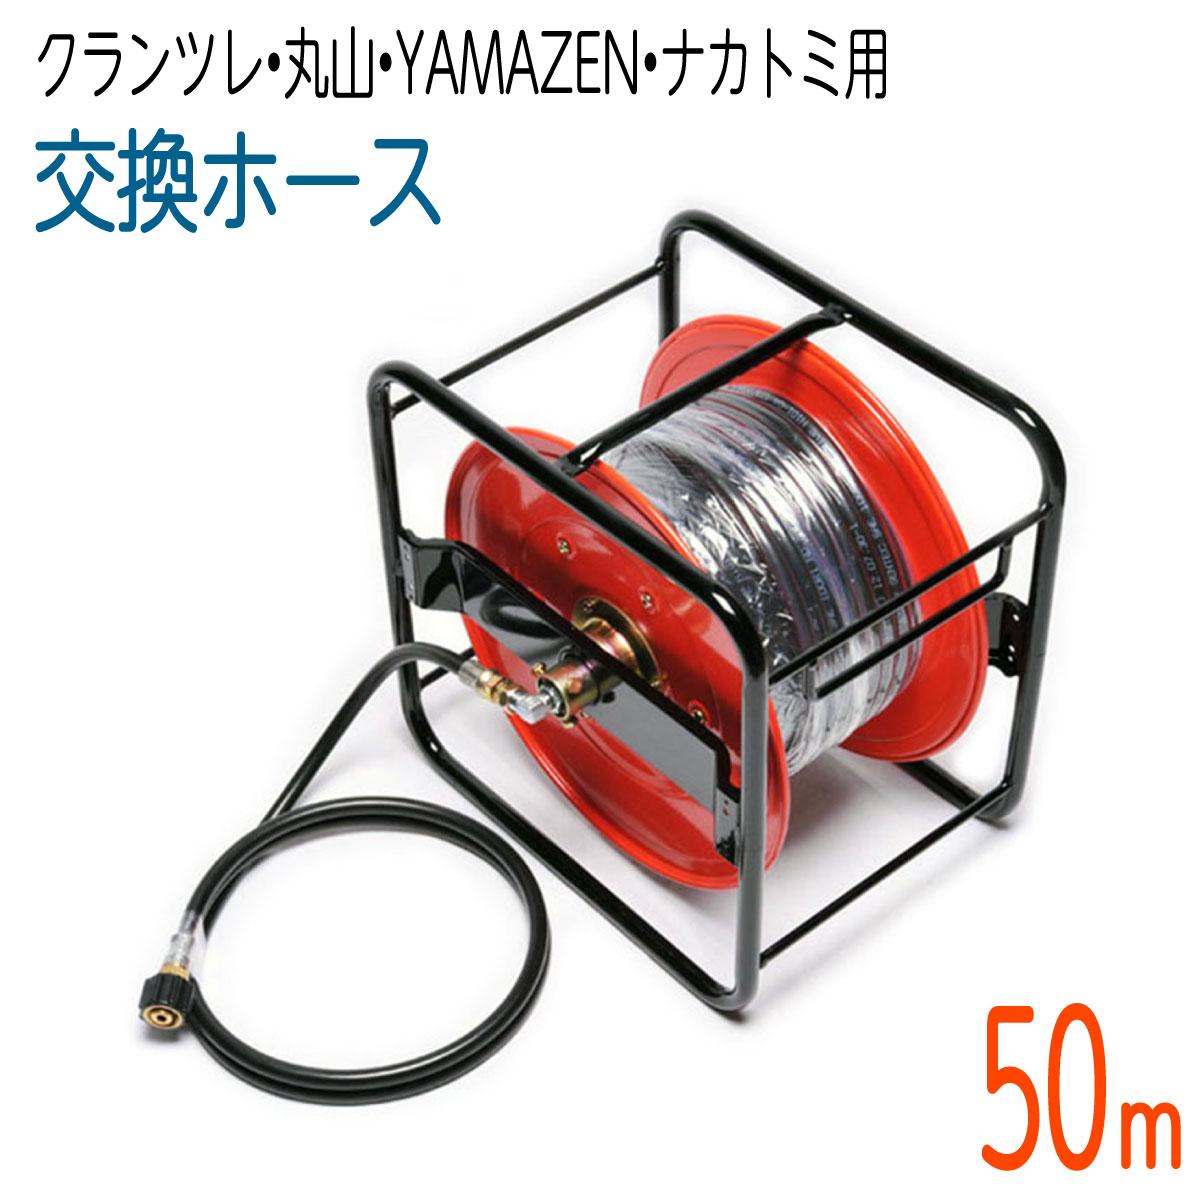 【50Mリール巻き】クランツレ・丸山・YAMAZEN・ナカトミ用 (両端M22メスねじ) 高圧洗浄機ホース 1/4(2分) コンパクトホース